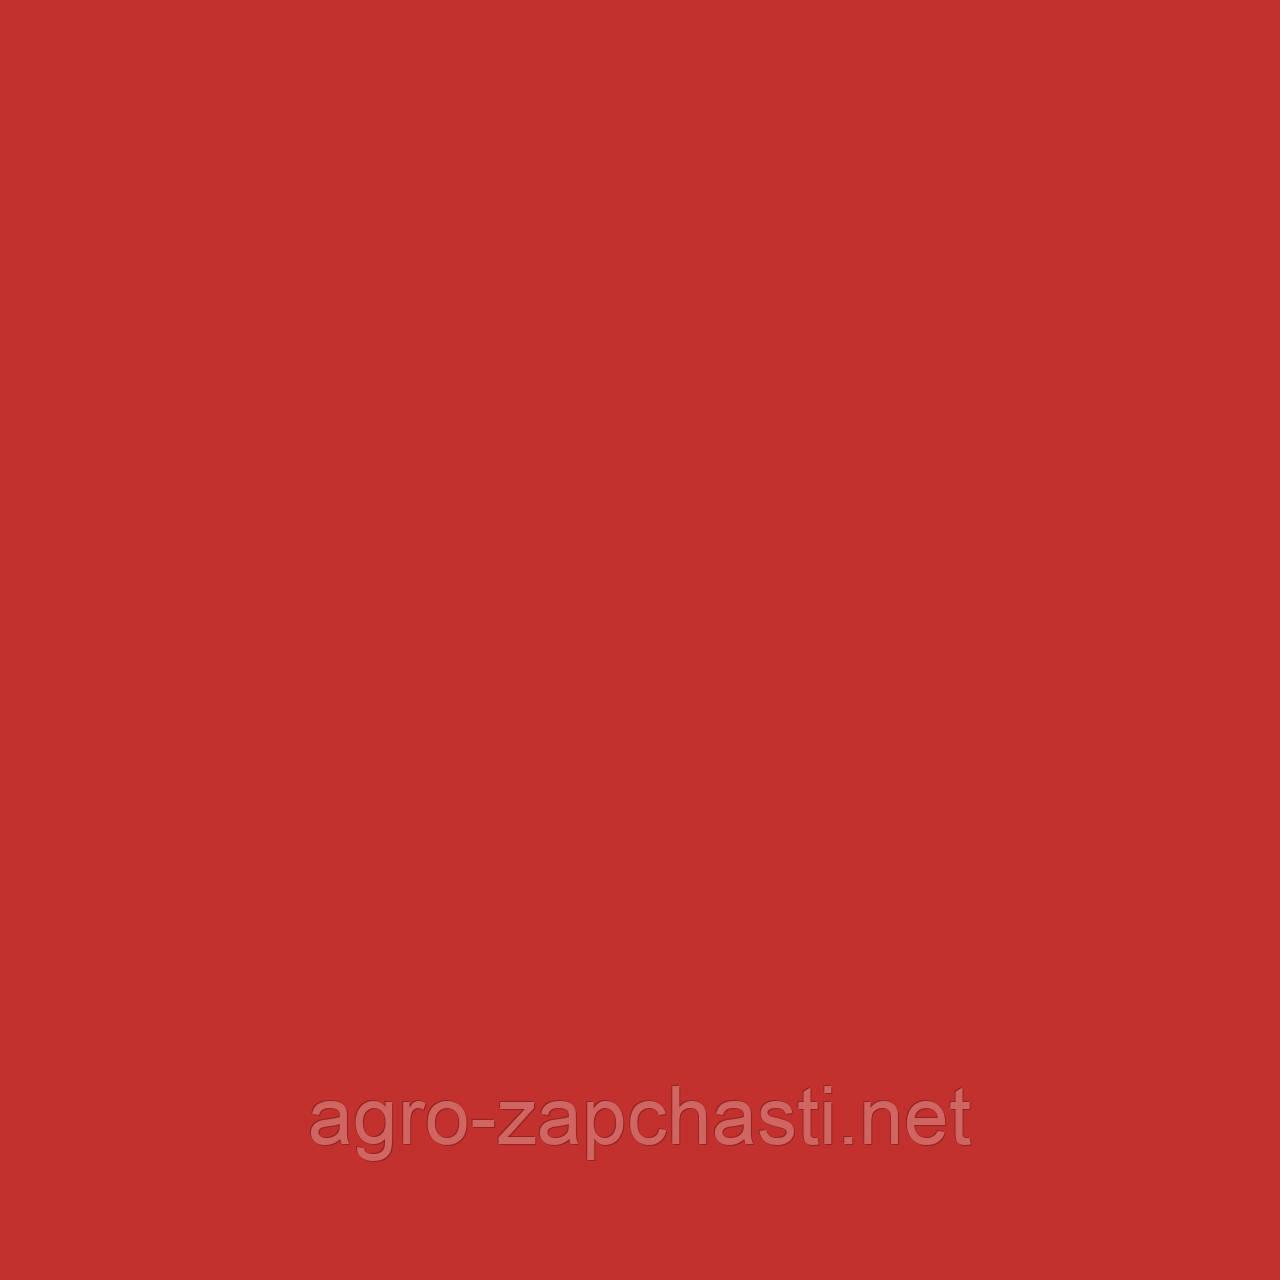 Краска Erbedol Mengele красная 0,75l